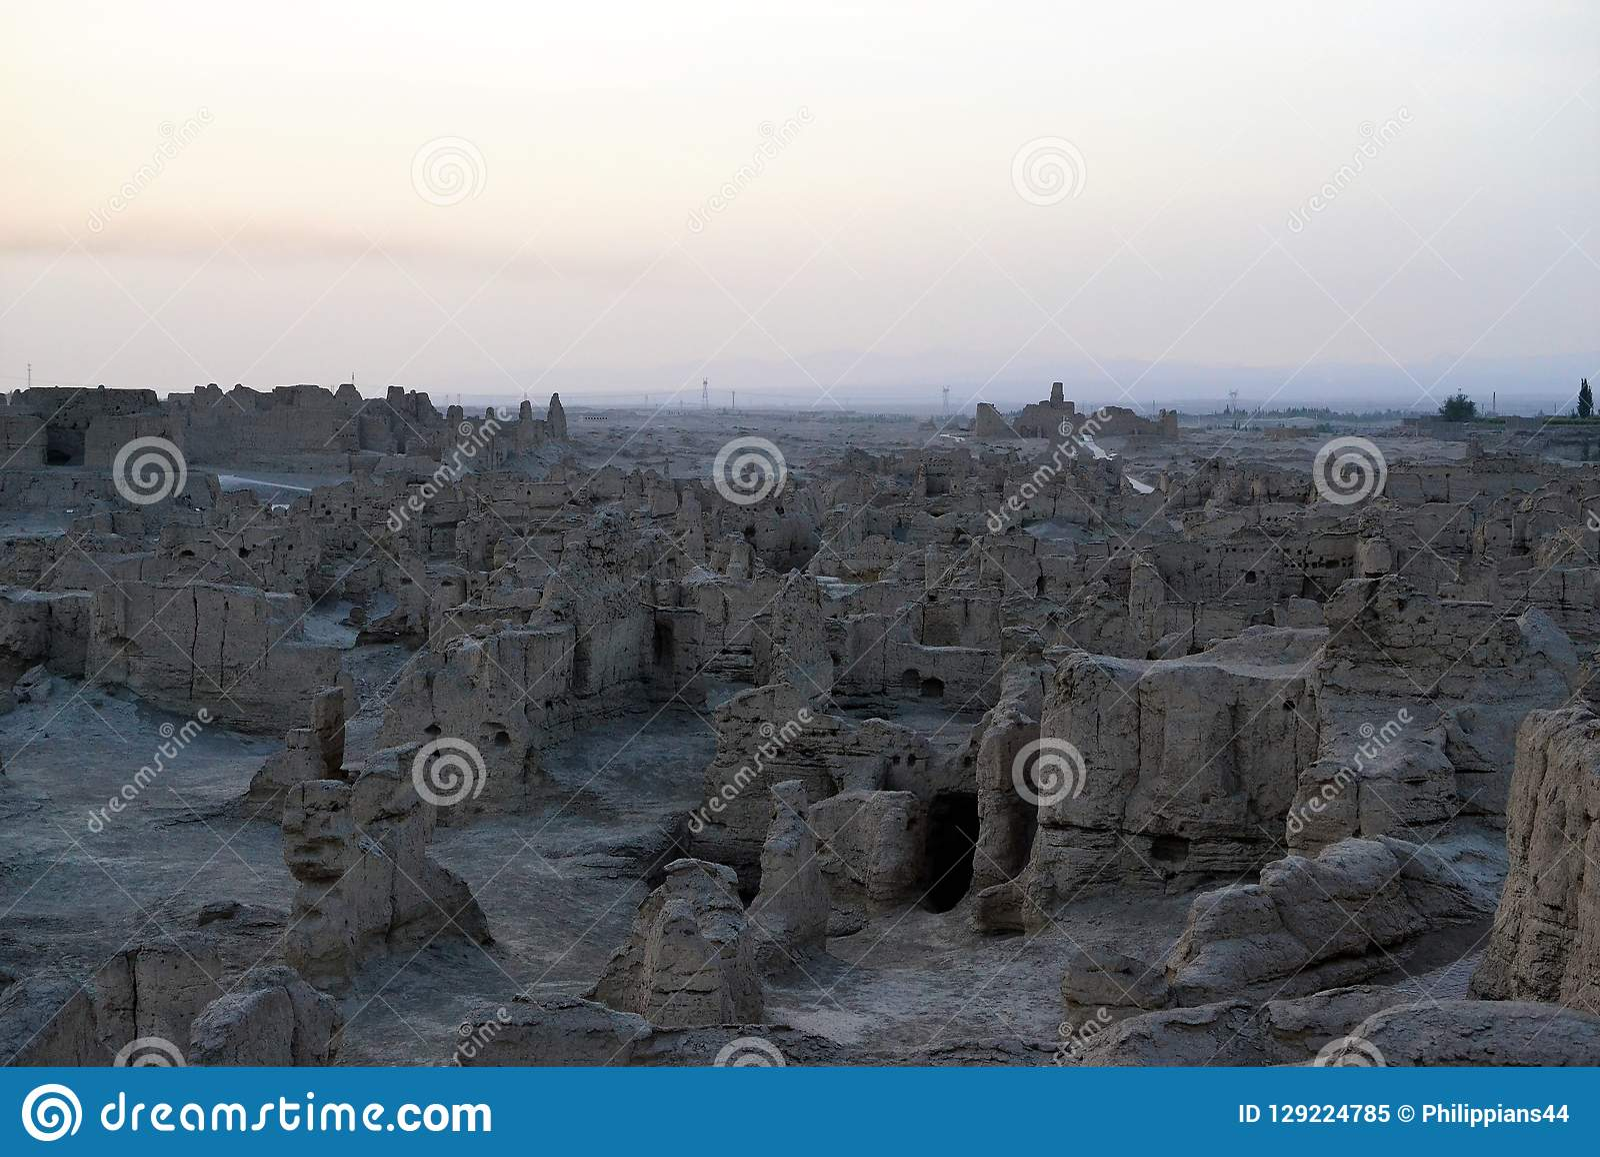 Puesta del sol en las ruinas antiguas de Jiaohe, Turpan, China